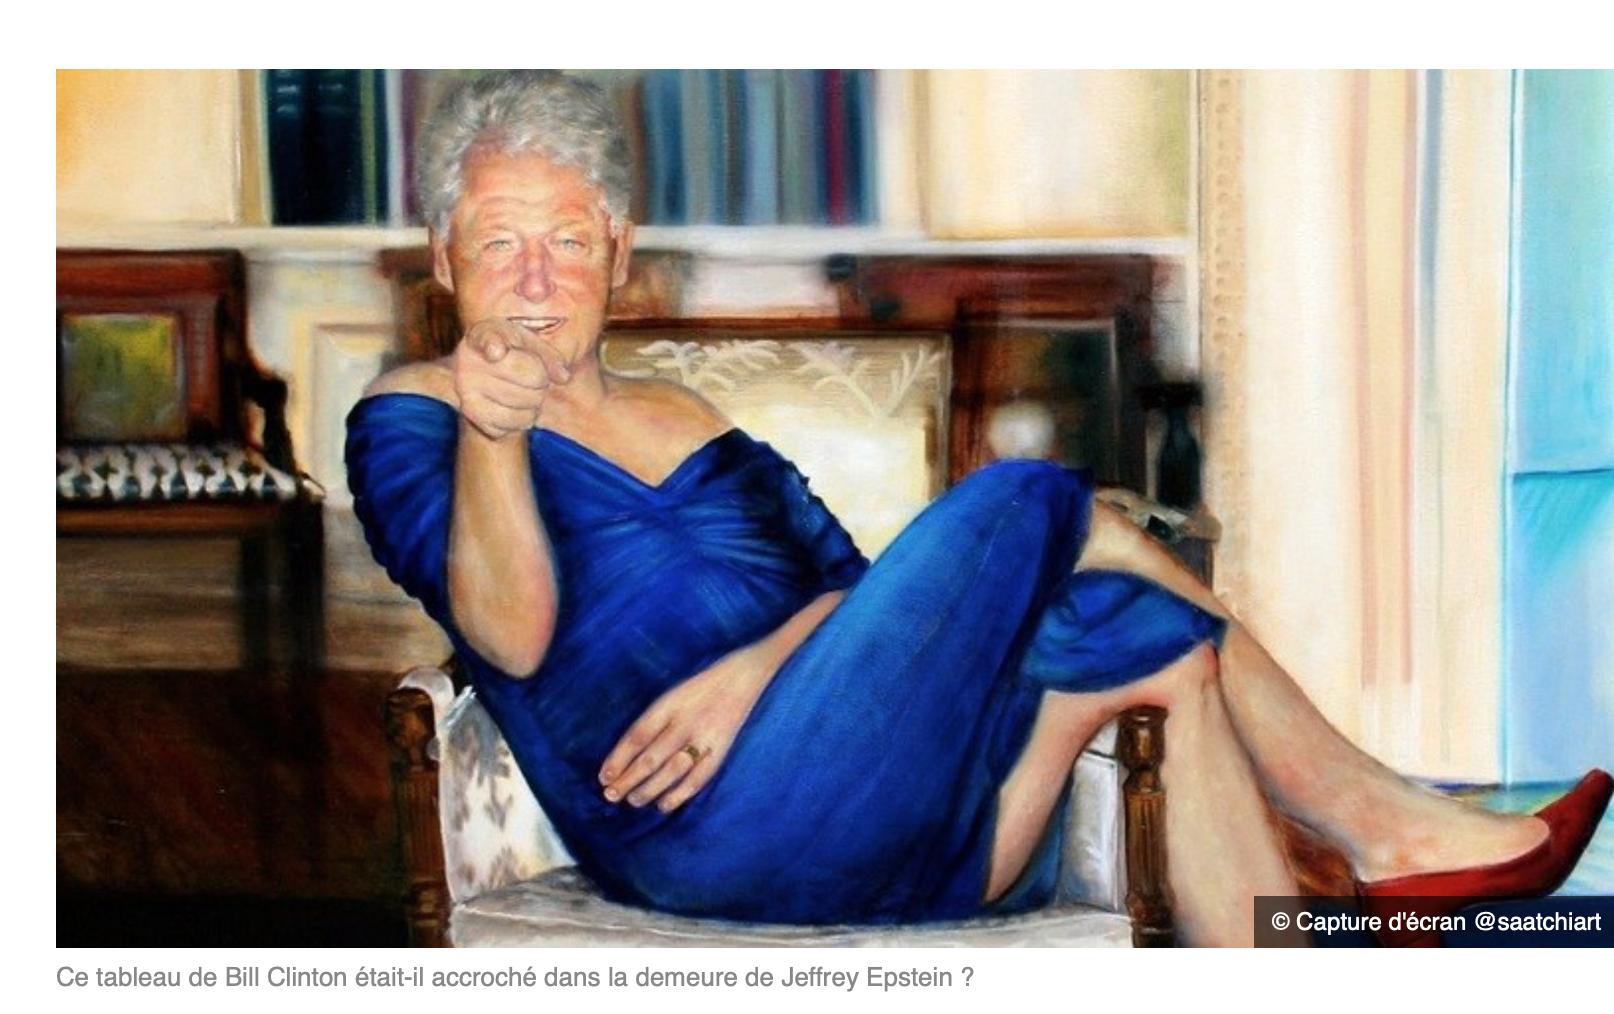 Qui a tué Epstein dans sa cellule ? Clinton qu'on voit en robe et hauts-talons dans un tableau ?